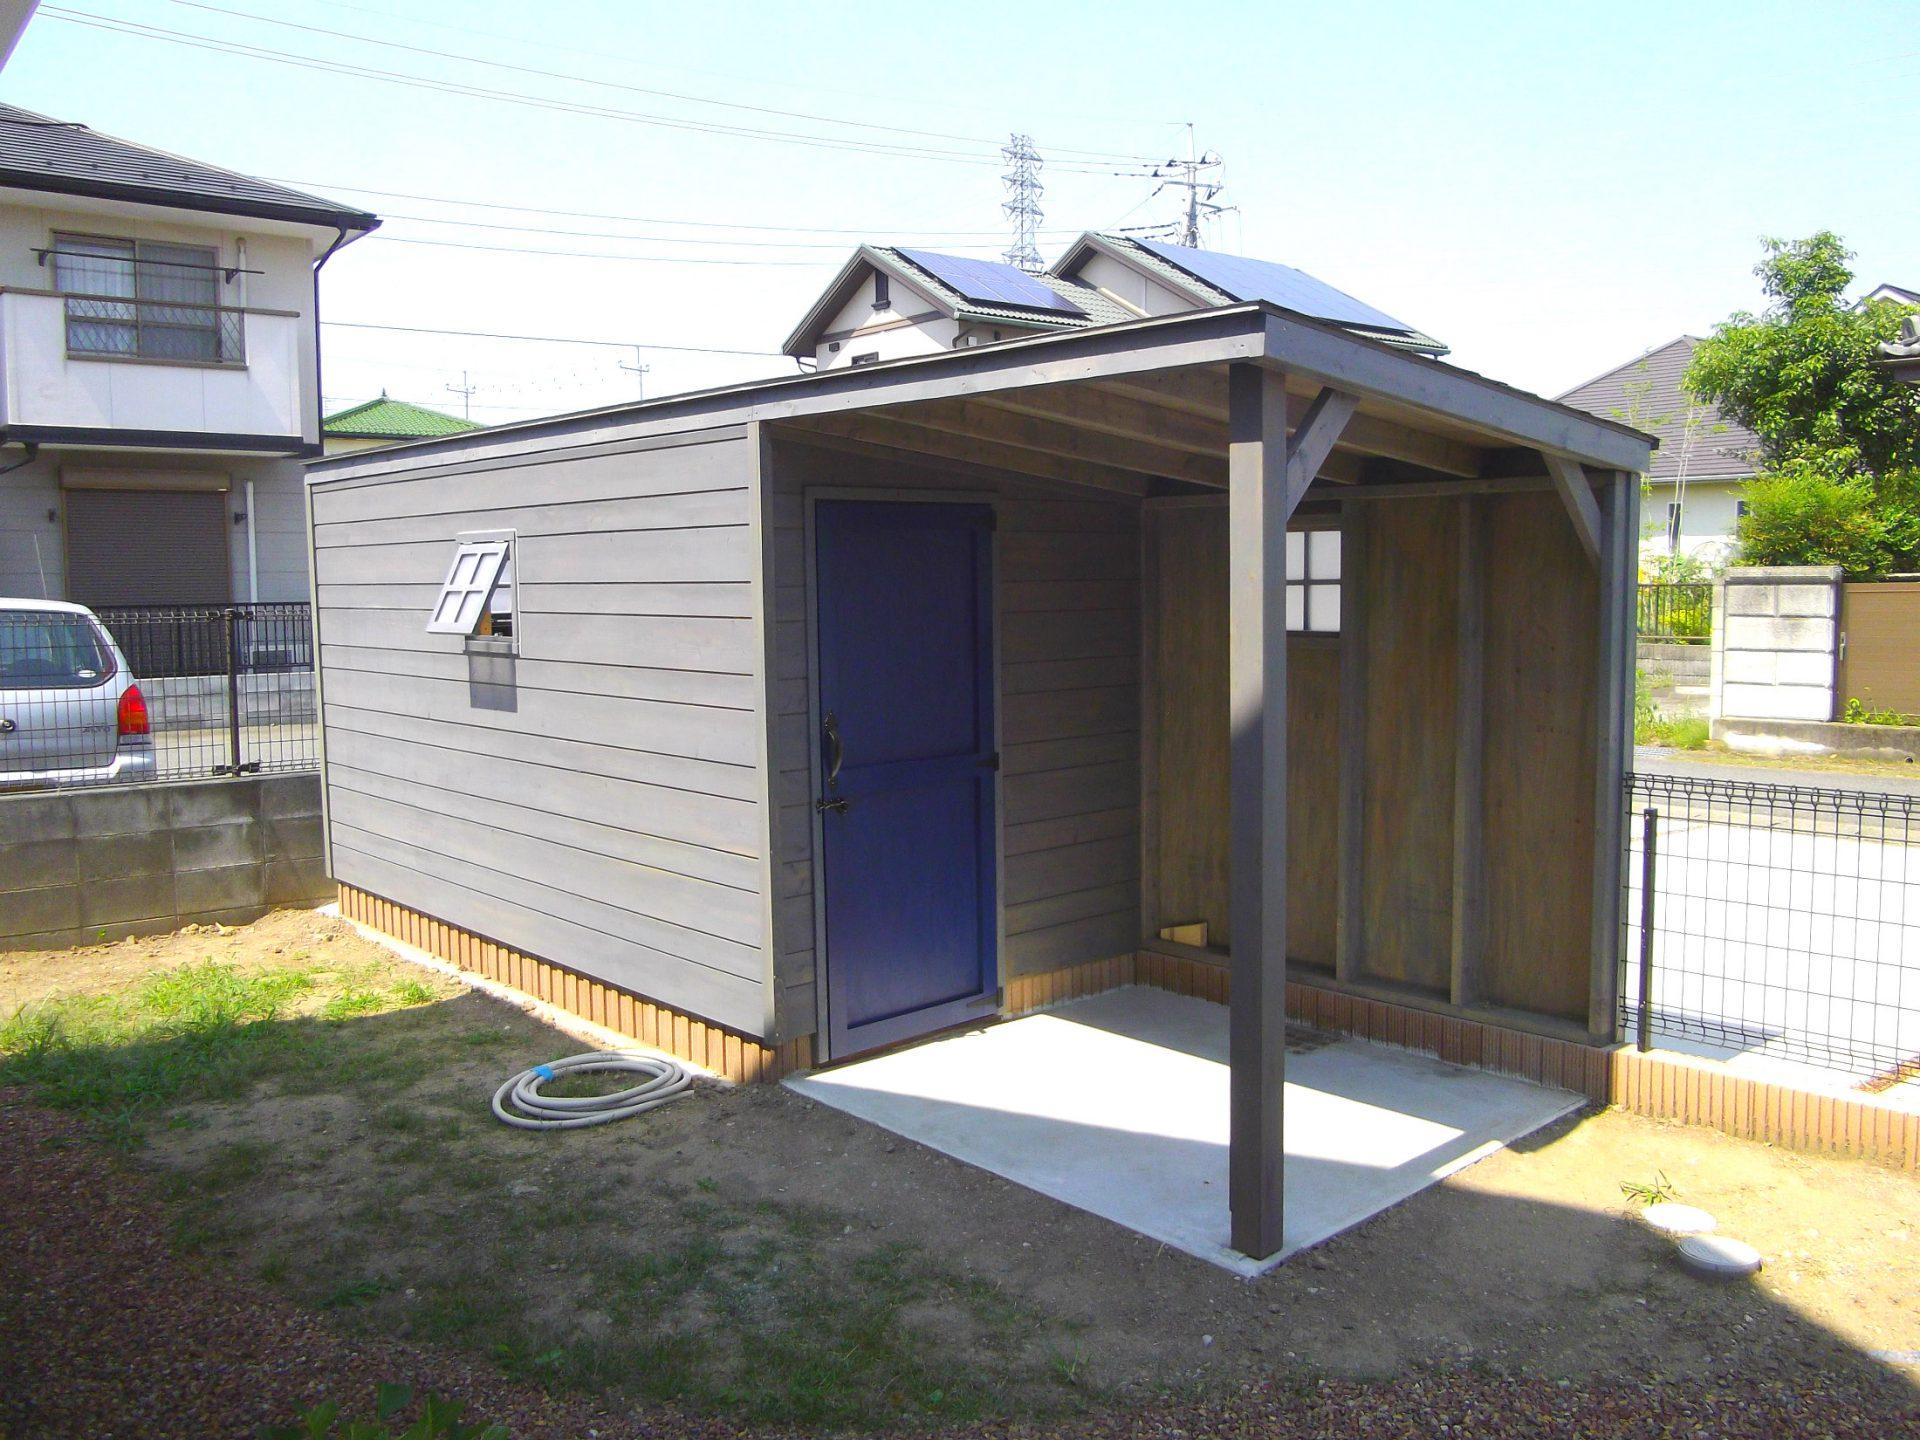 物置 作業場 小屋 ナチュラル 木製 オーダーメイド 自然素材